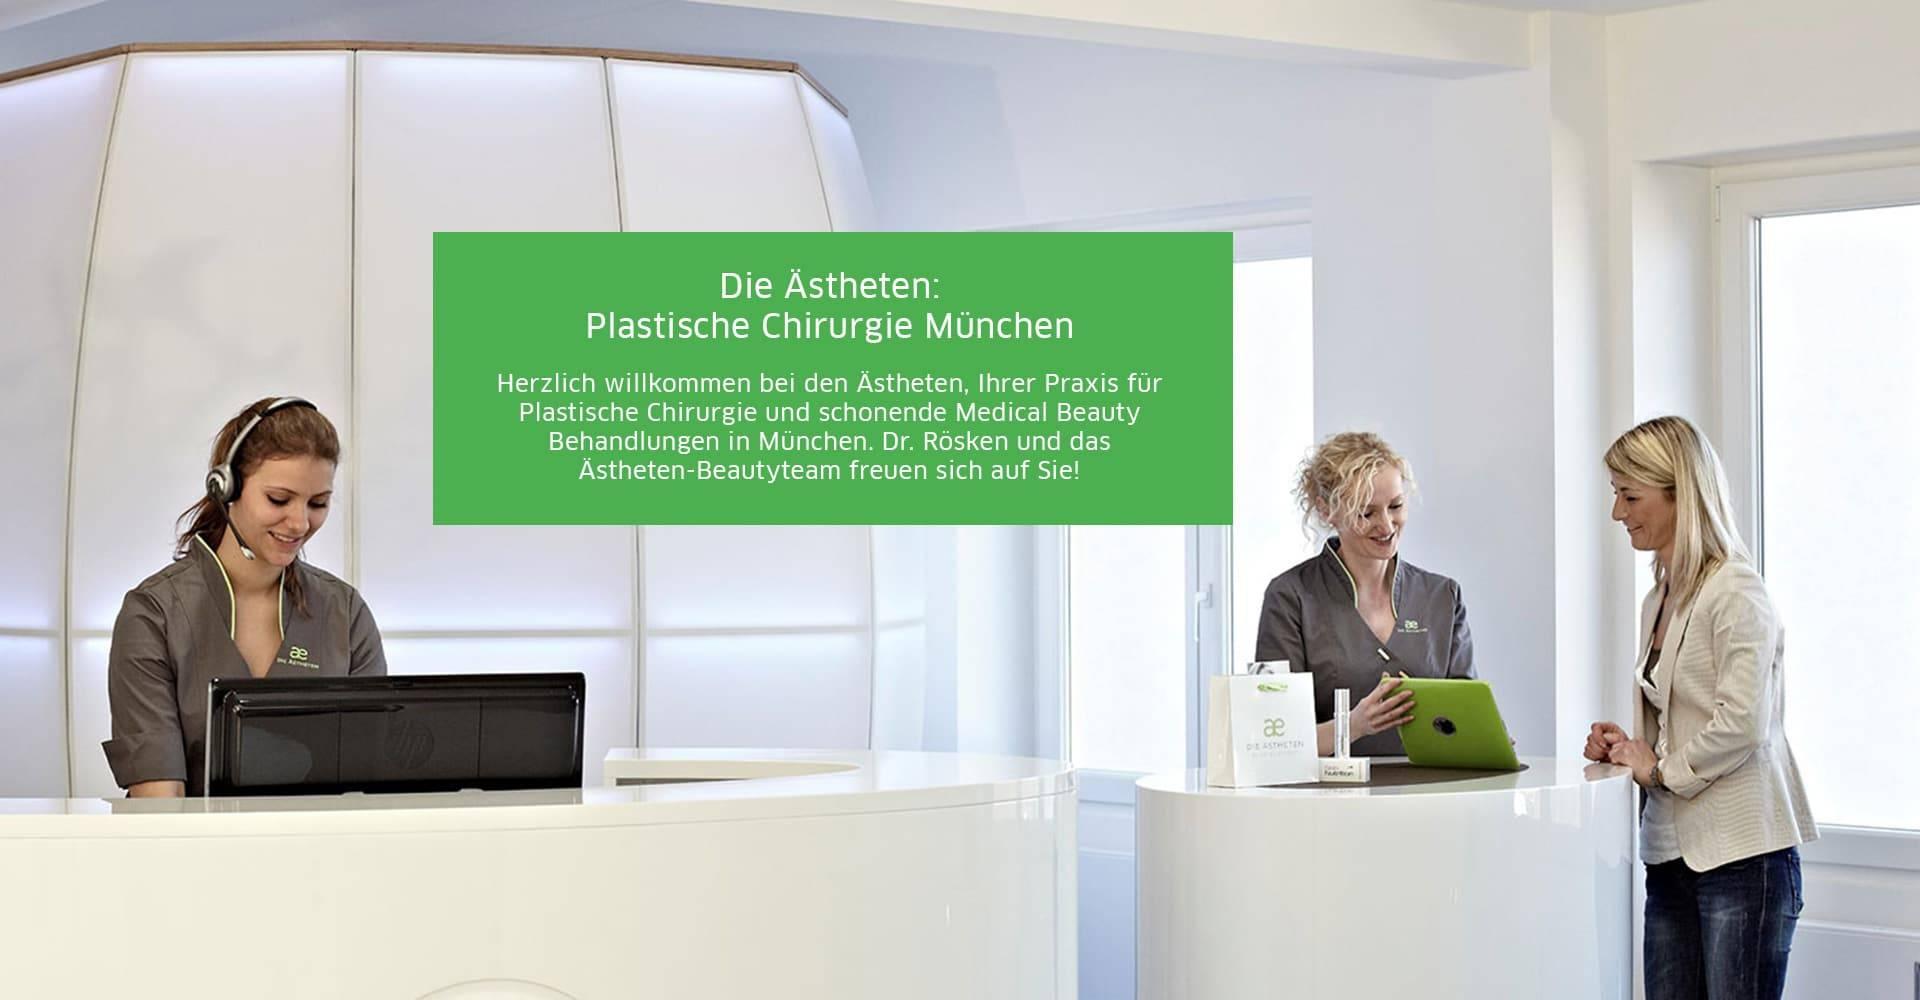 Die Ästheten | Plastische Chirurgie München